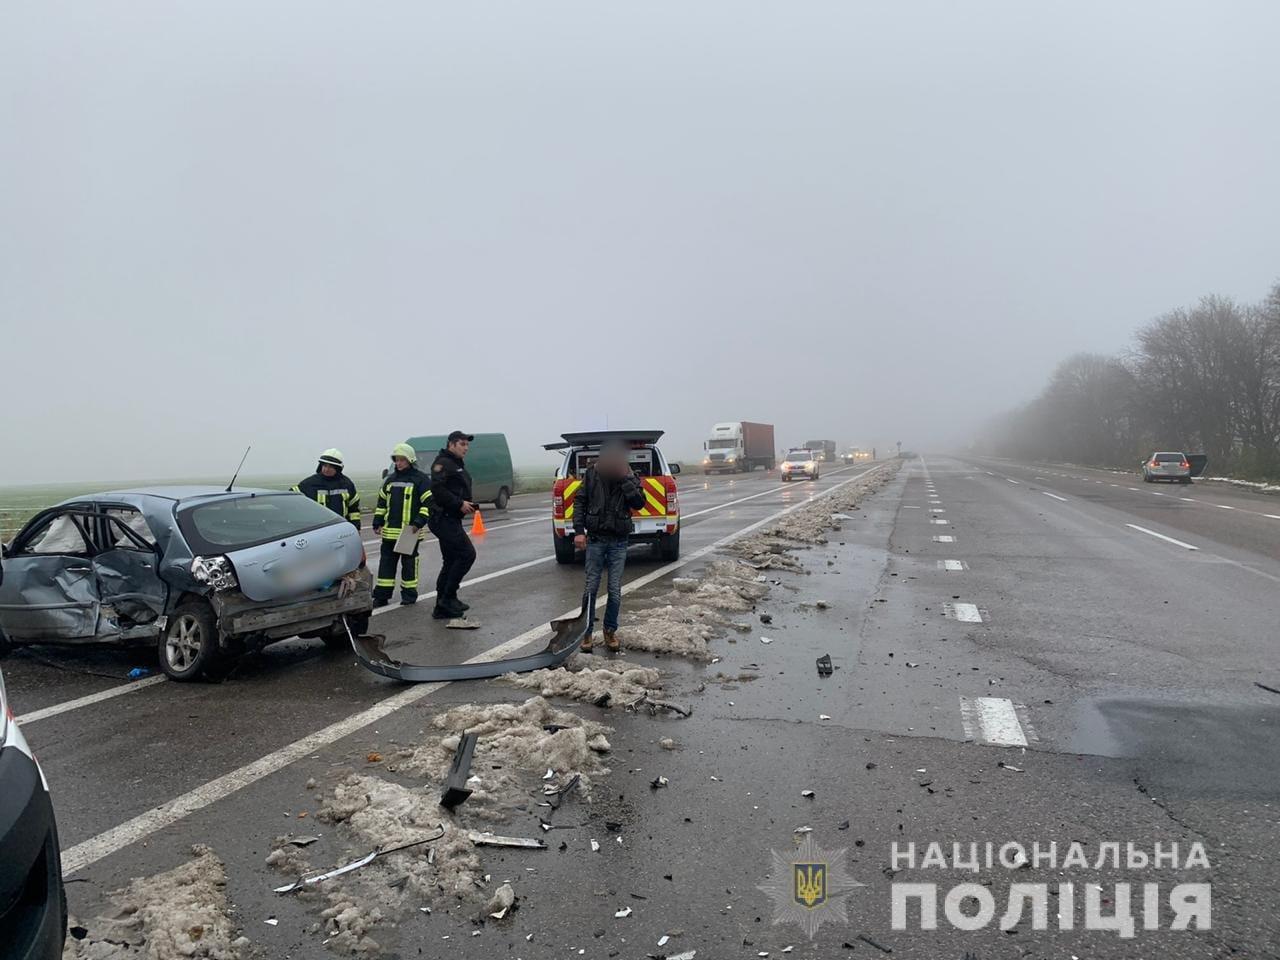 ДТП на трассе Одесса-Киев: водитель и пассажирка погибли на месте, - ФОТО, фото-1